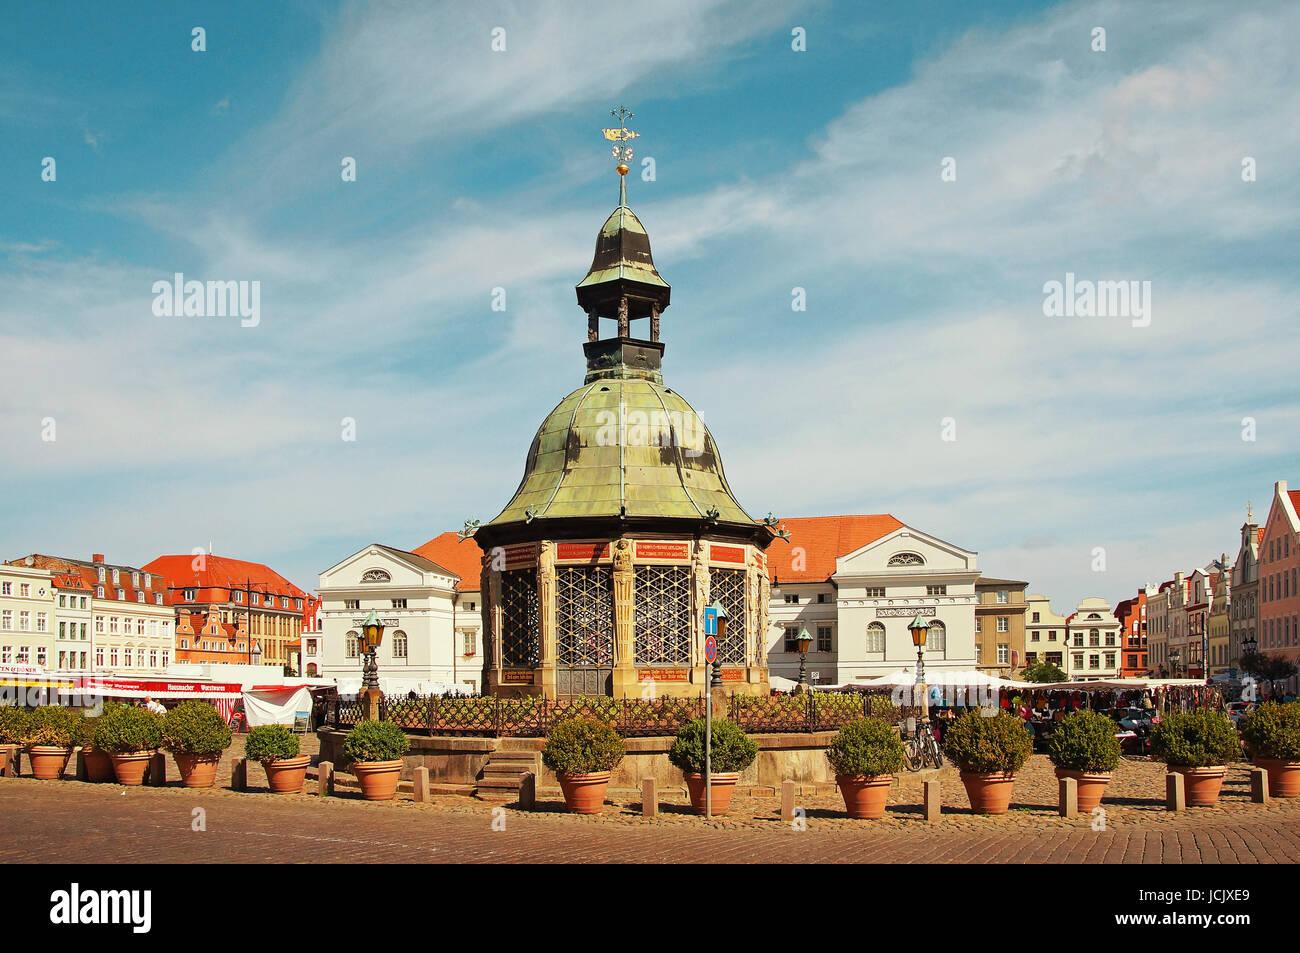 Marktplatz Hansestadt Wismar Deutschland / Market Place Hanseatic City Wismar Germany - Stock Image